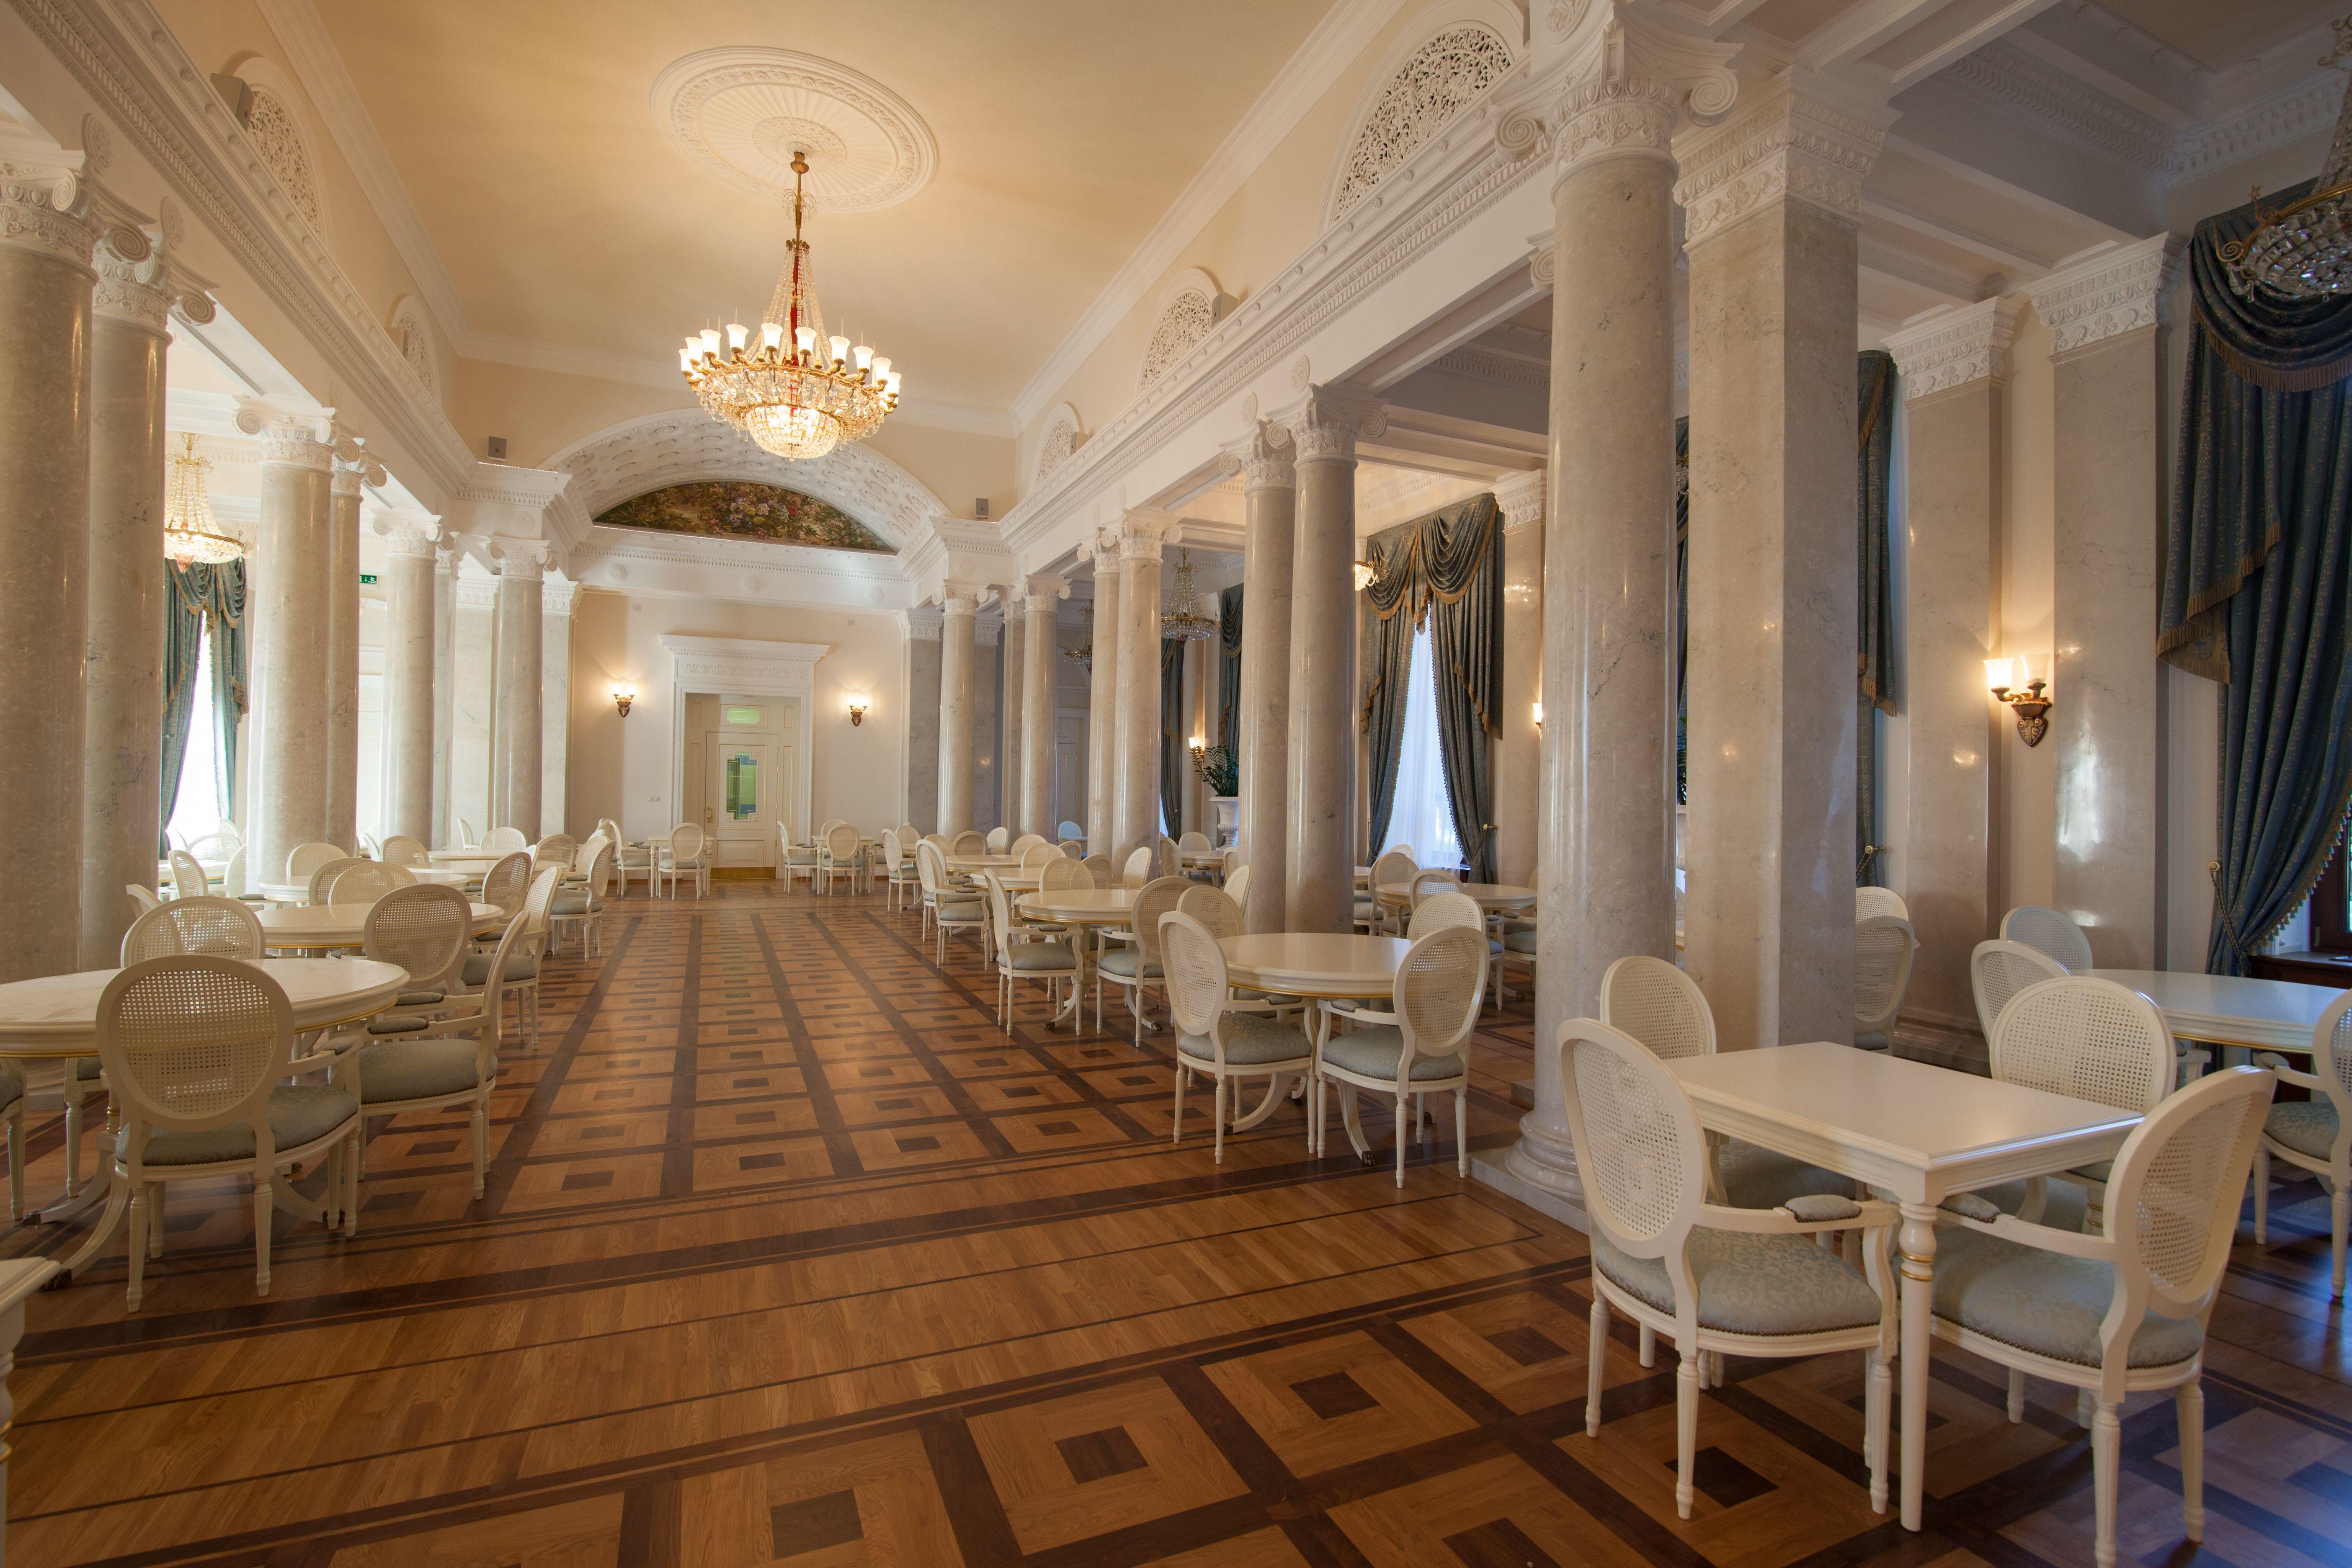 luxus hotel interieur paris angelo cappelini, luxury hotel interiors   luxury interiors   pinterest   interiors, Design ideen